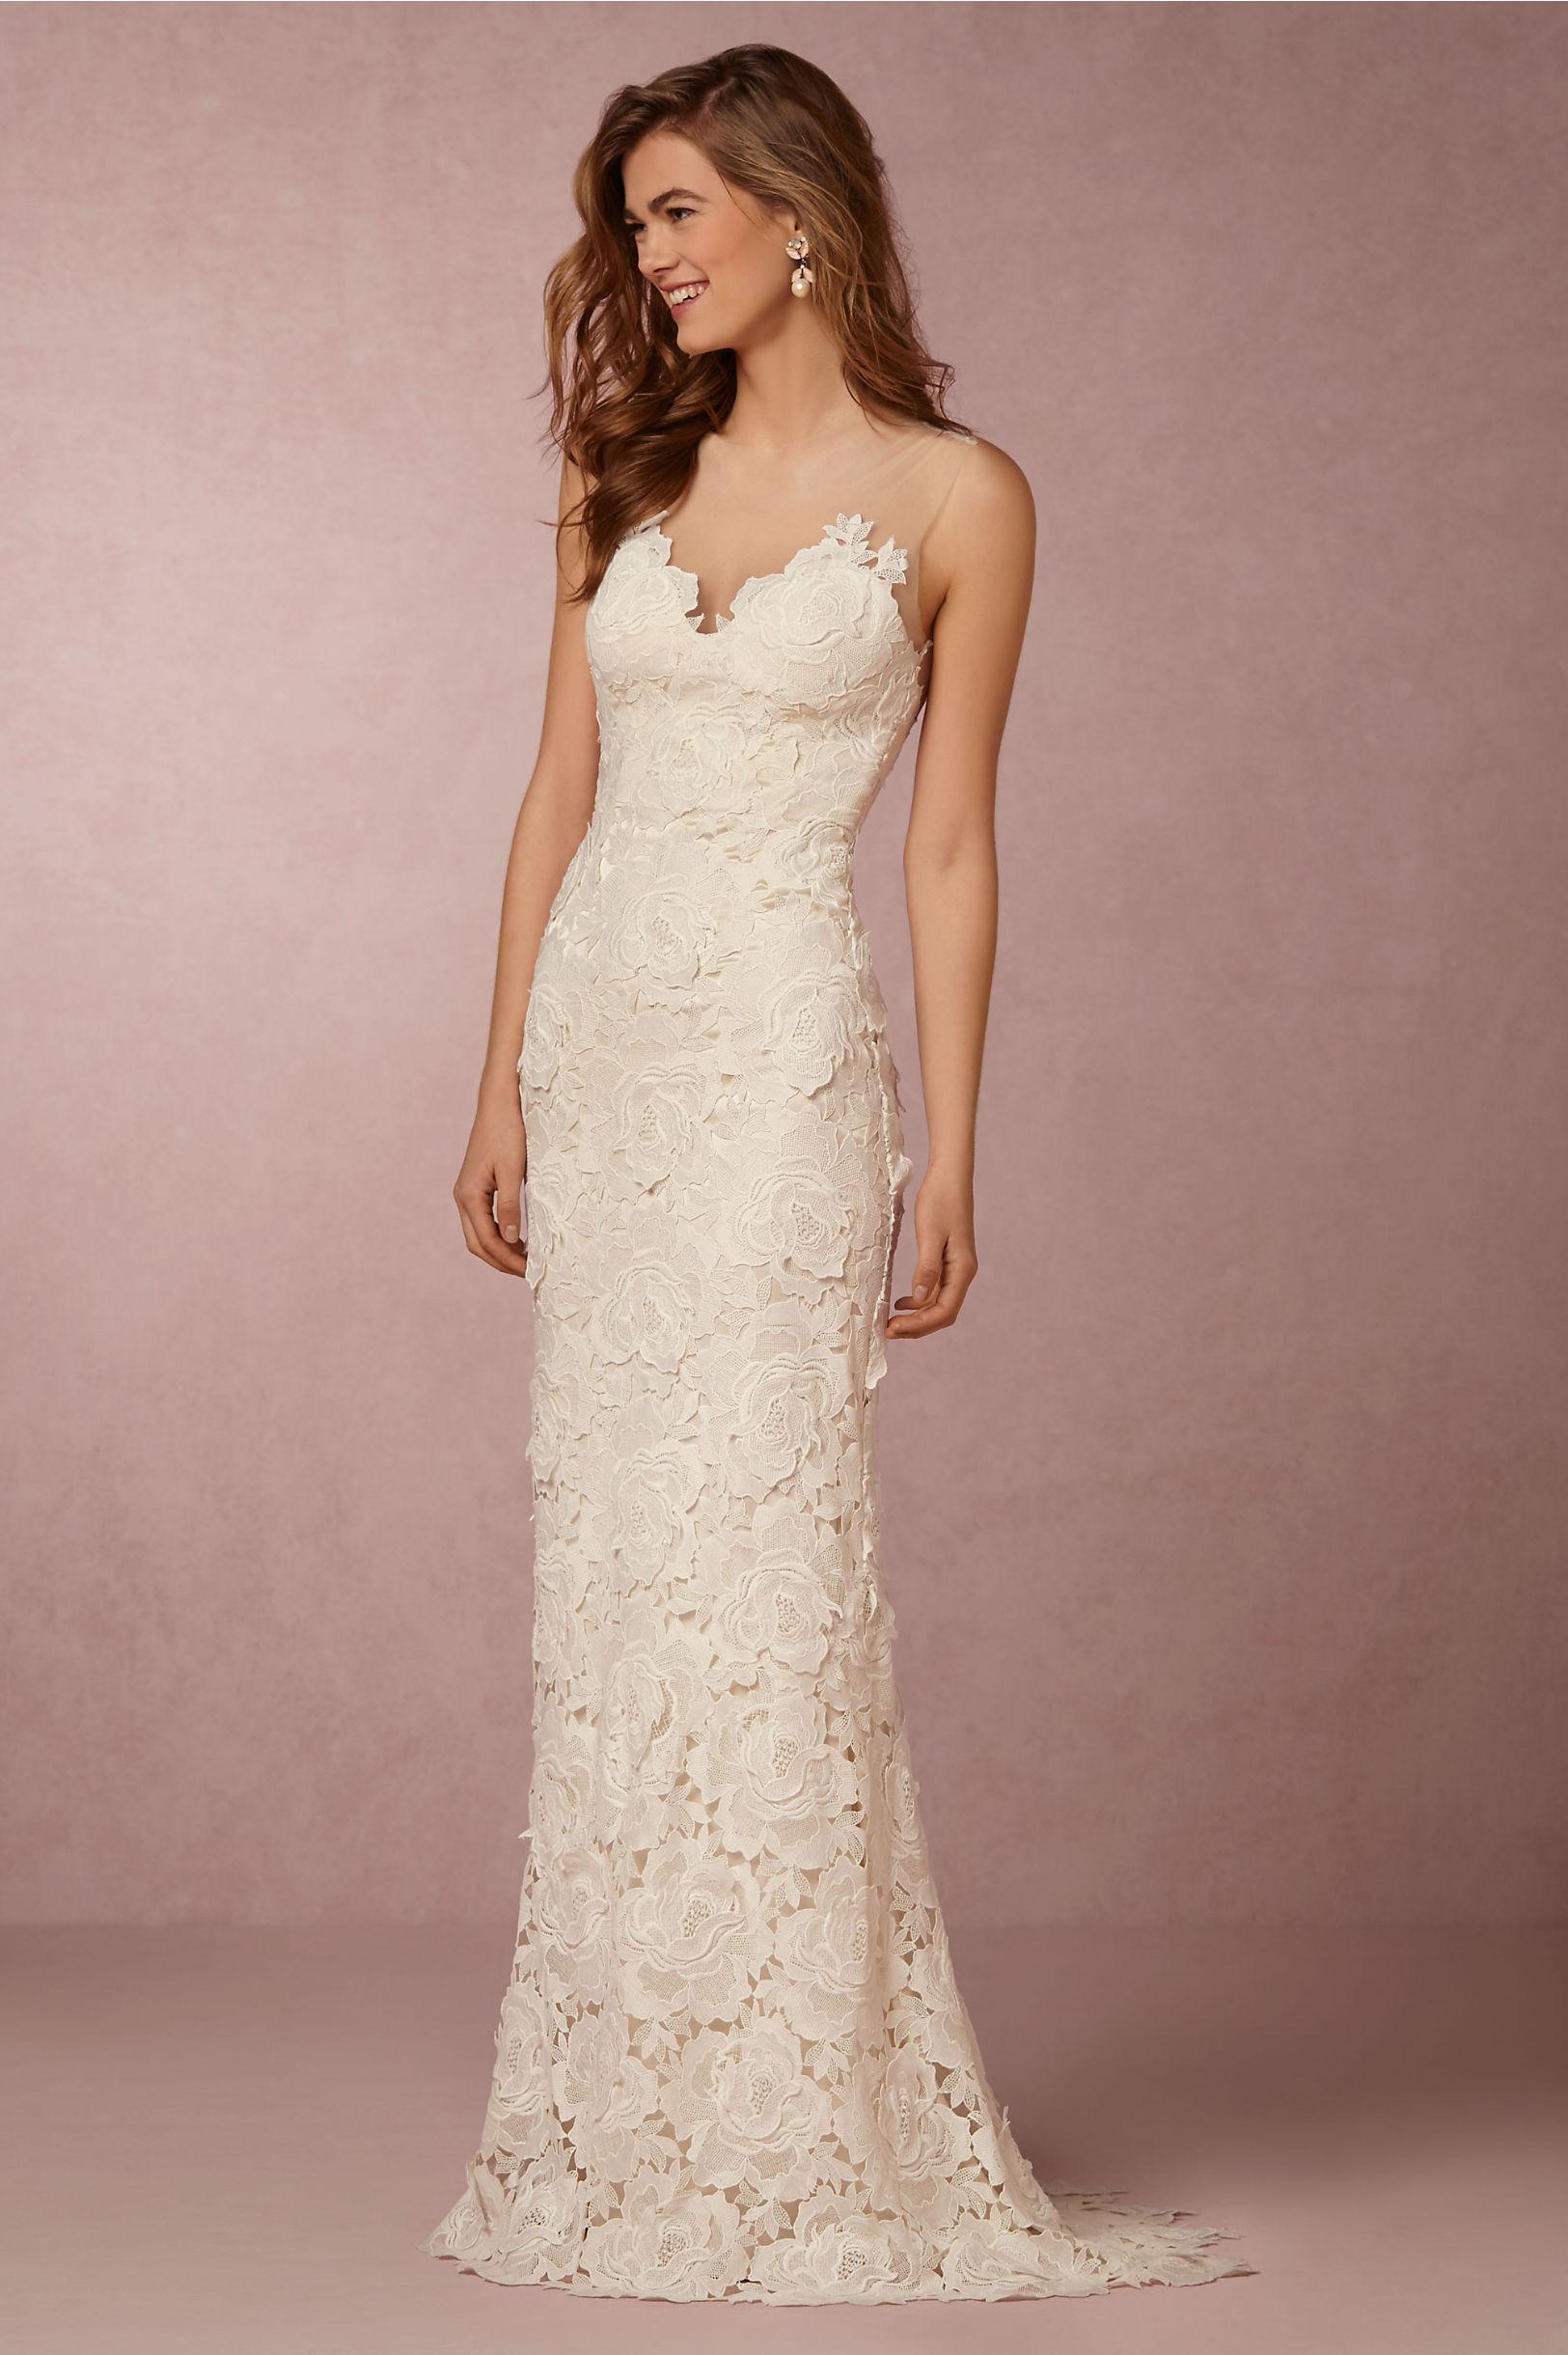 Denver Vintage Wedding Dresses - Expensive Wedding Dresses Online